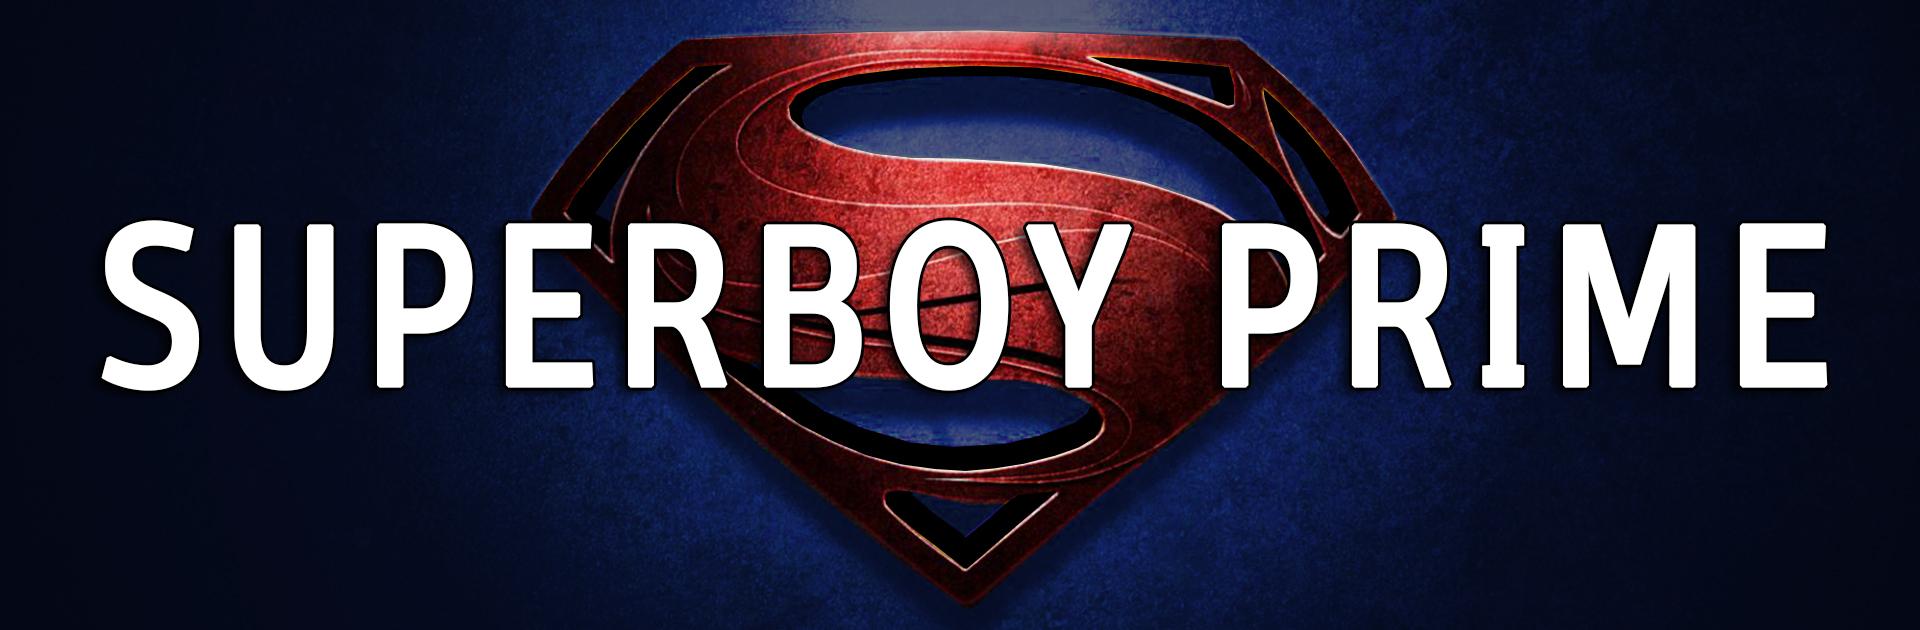 MINI BANNER - 11 Superboy Prime.jpg